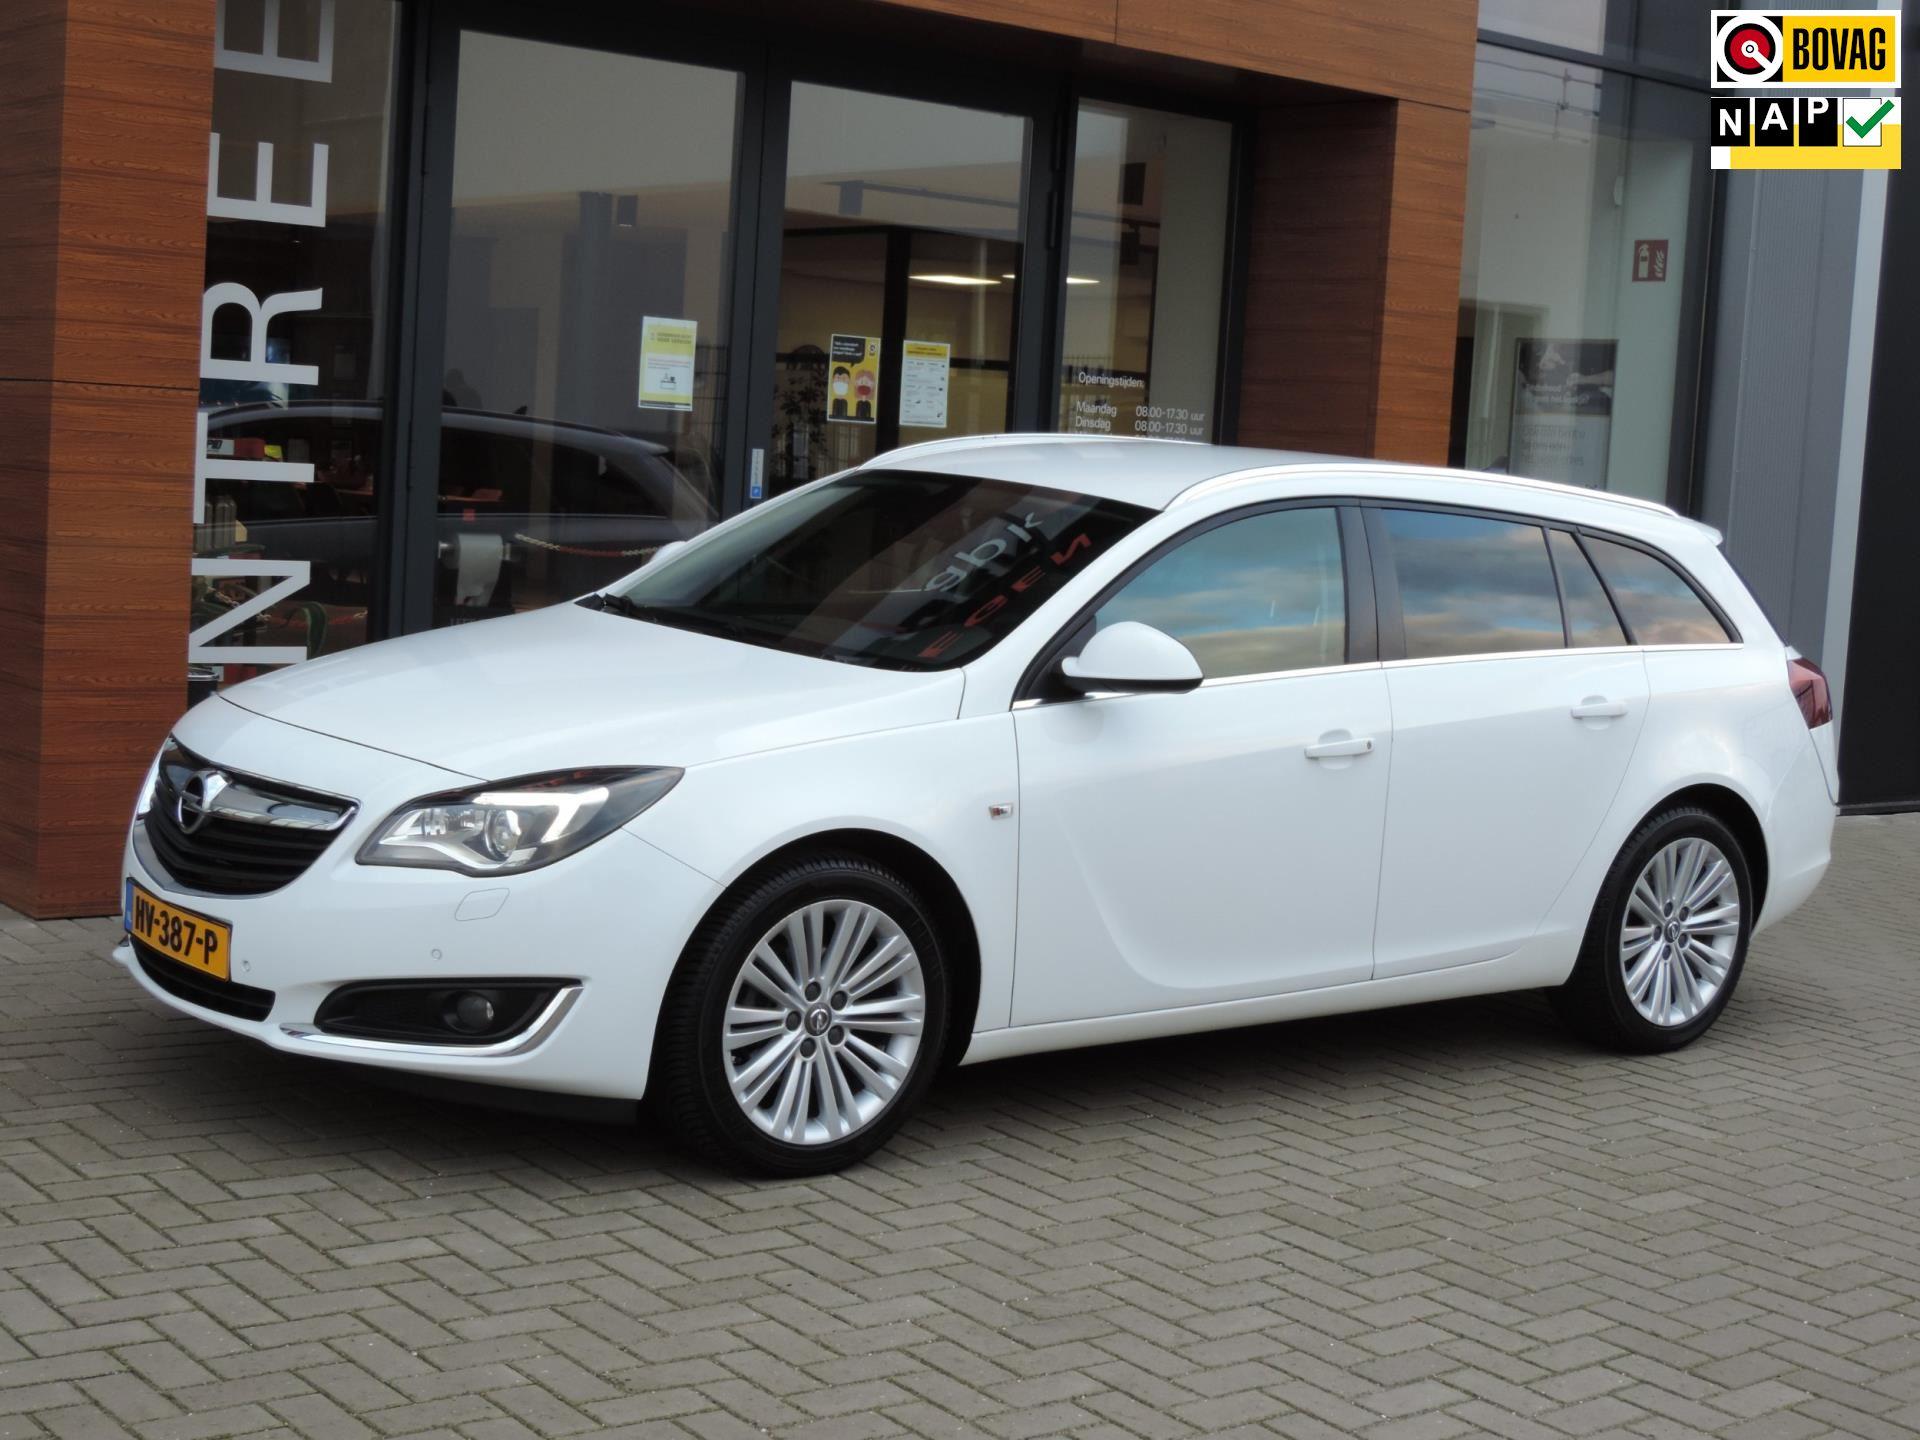 Opel Insignia Sports Tourer occasion - Autobedrijf van Meegen